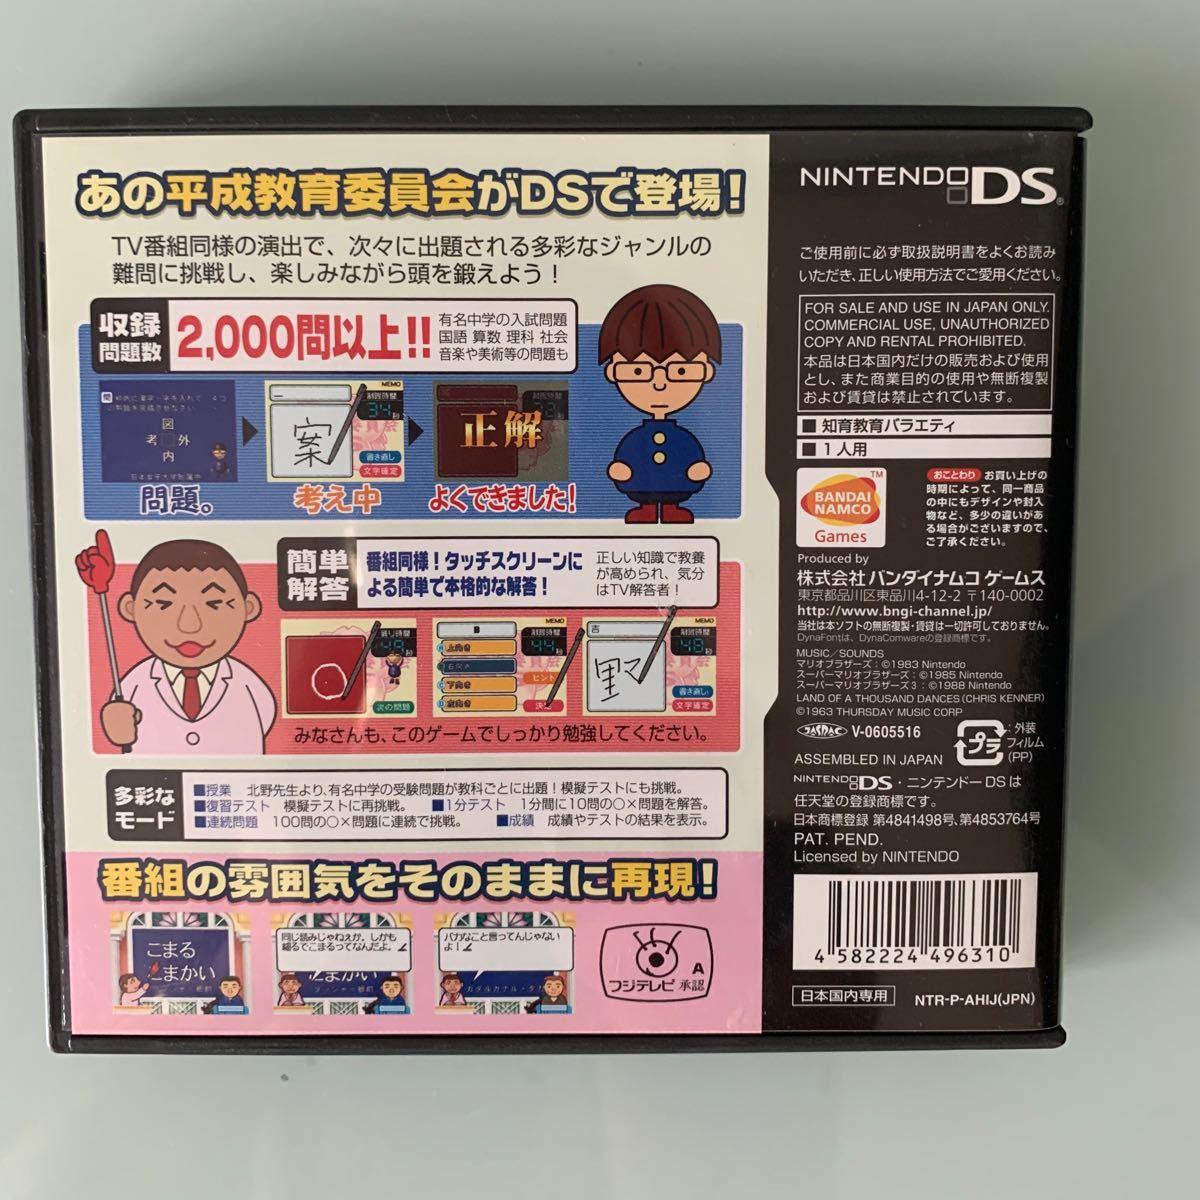 DSソフト ニンテンドーDS 平成教育委員会